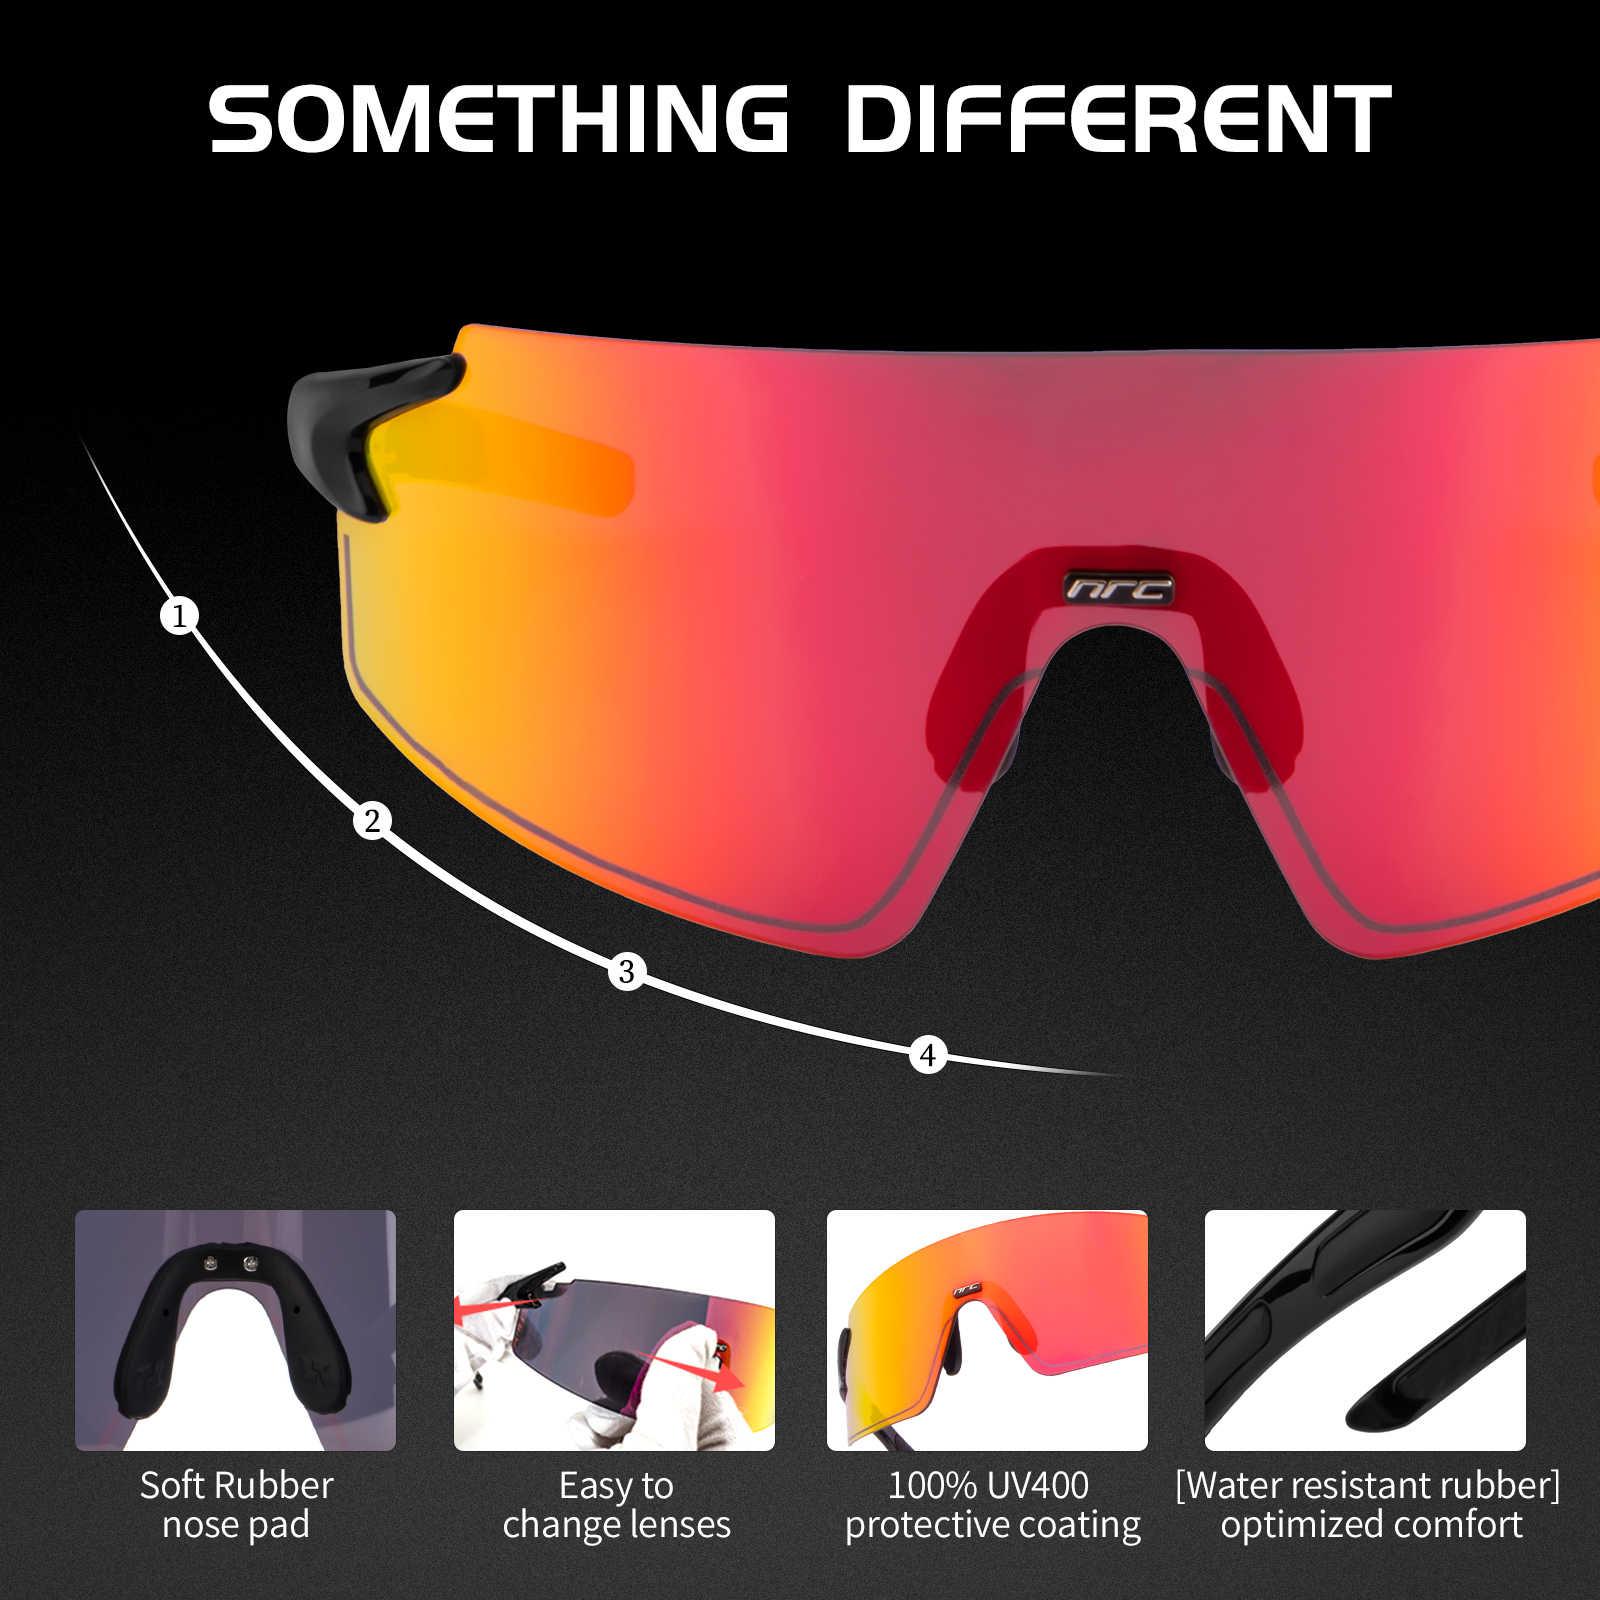 Велосипедные солнцезащитные очки NRC, защитные очки для горных велосипедов UV400, спортивные очки для горных велосипедов, ветрозащитные очки